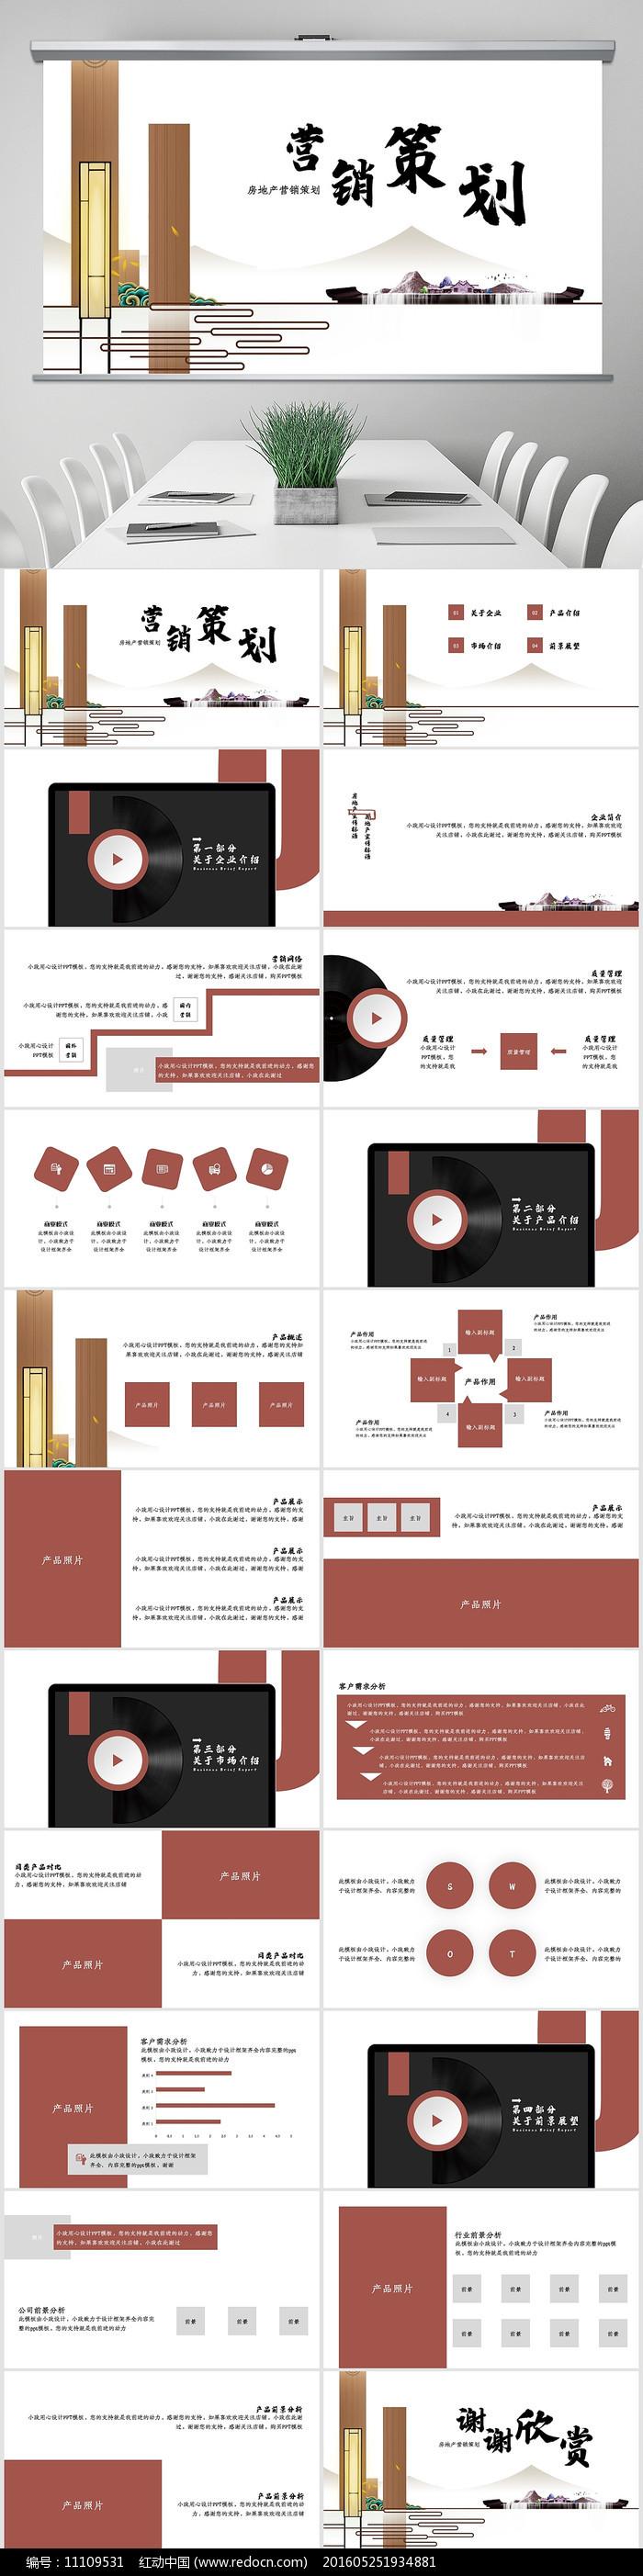 棕色房地产营销策划演示PPT模板